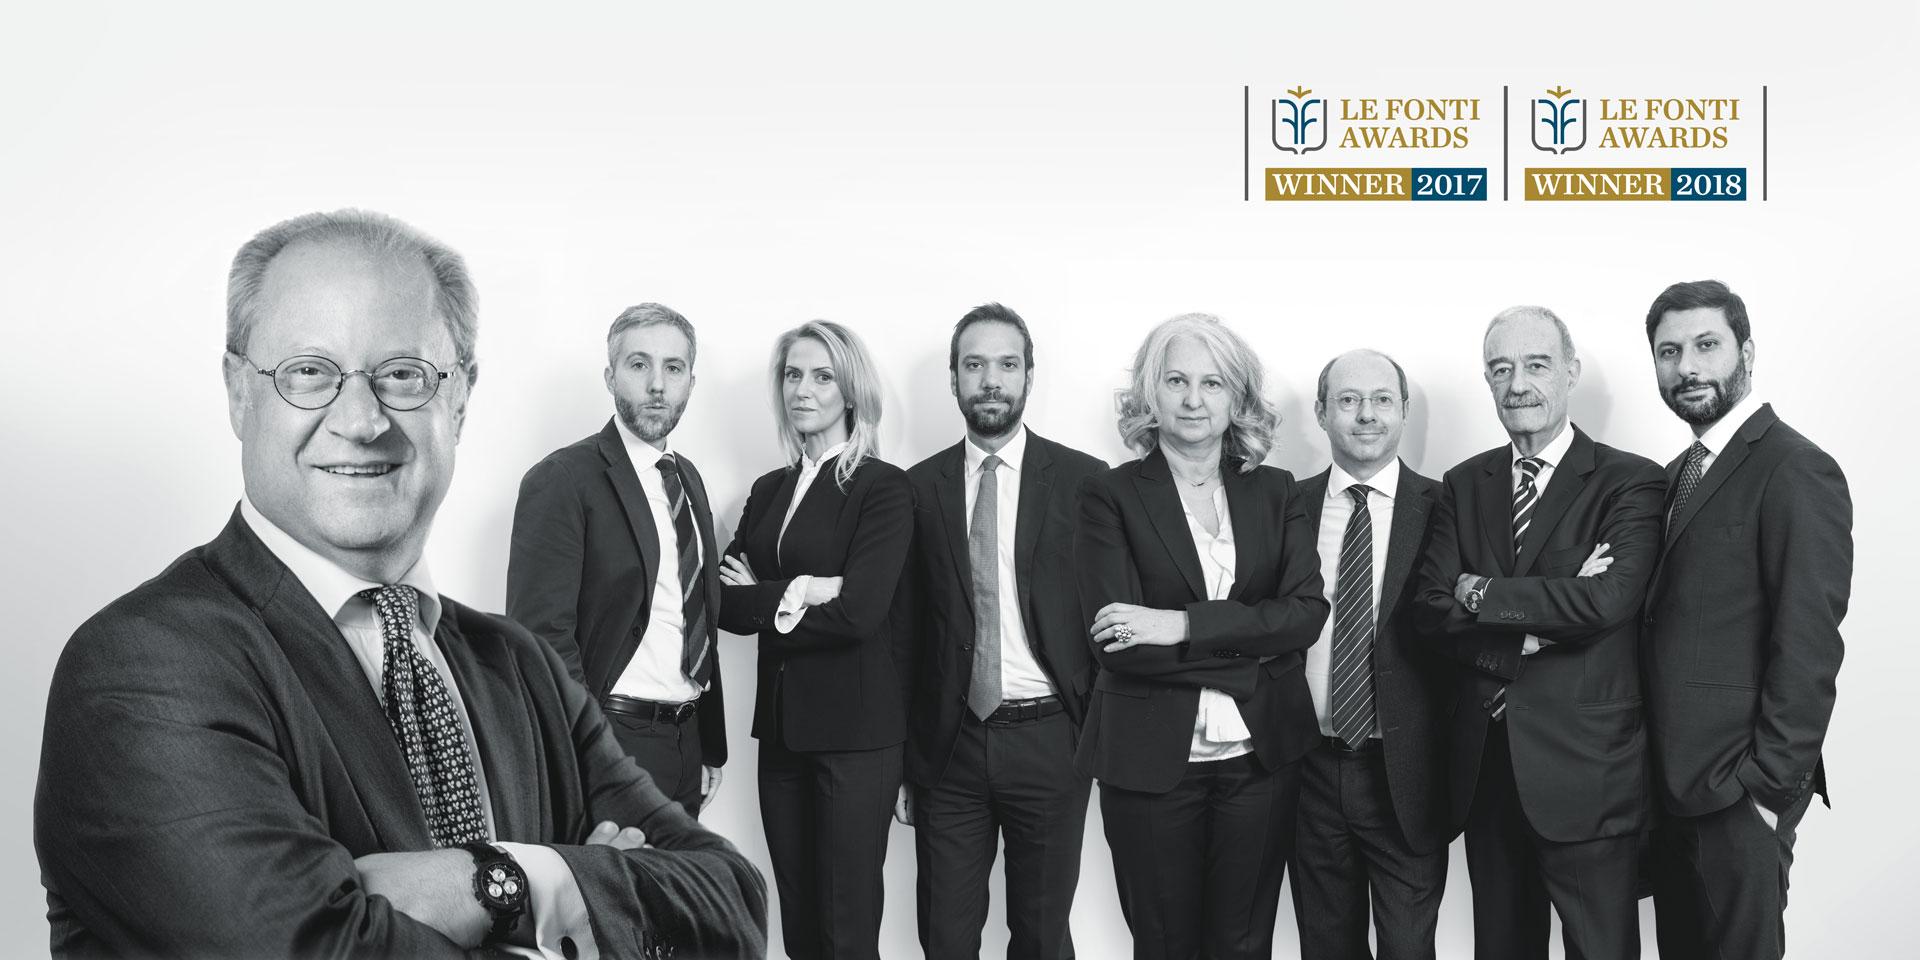 Piselli and Partners studio legale contrattualistica pubblica Roma le fonti award